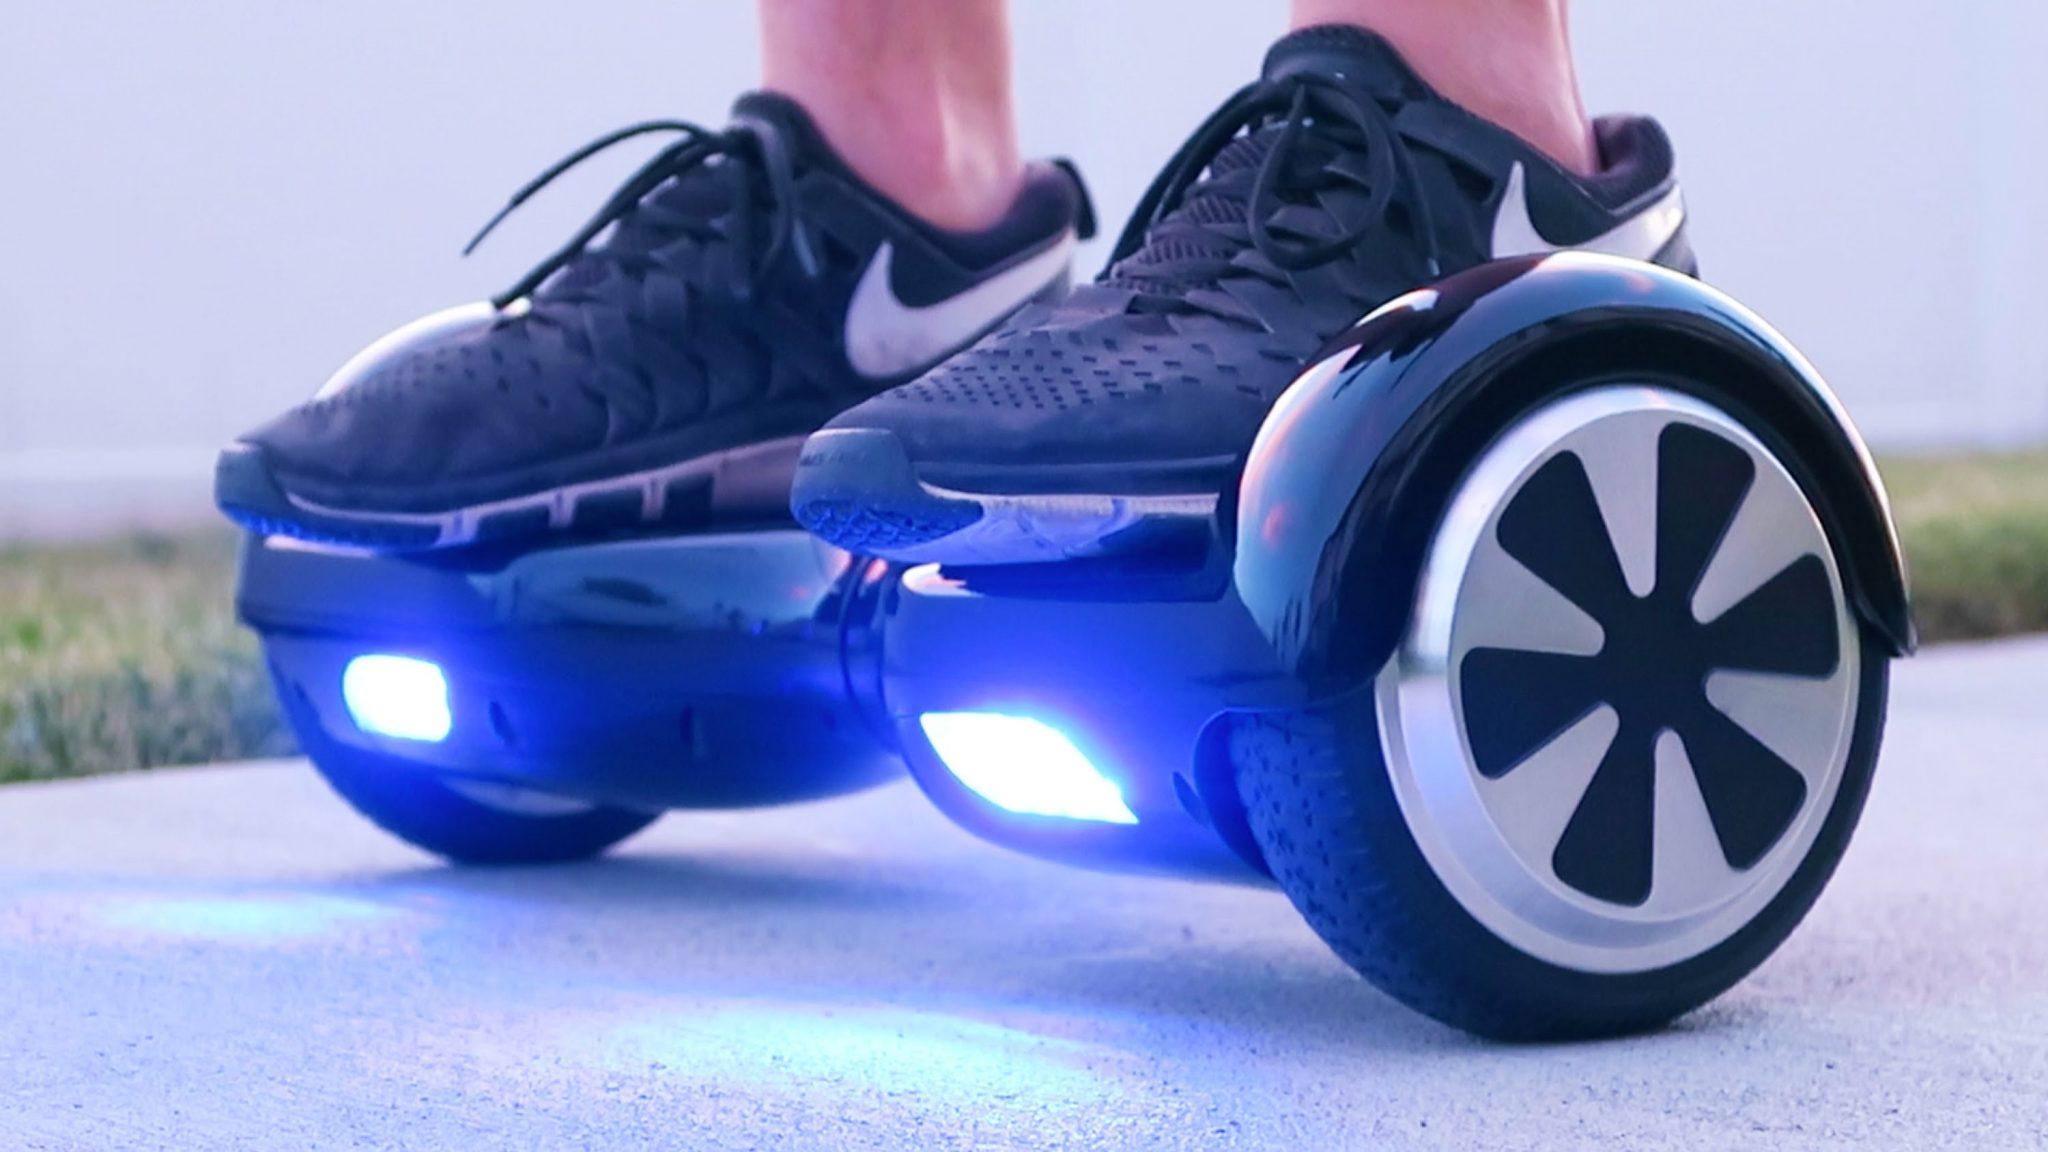 Migliori skate elettrici hoverboard: guida agli acquisti scontati